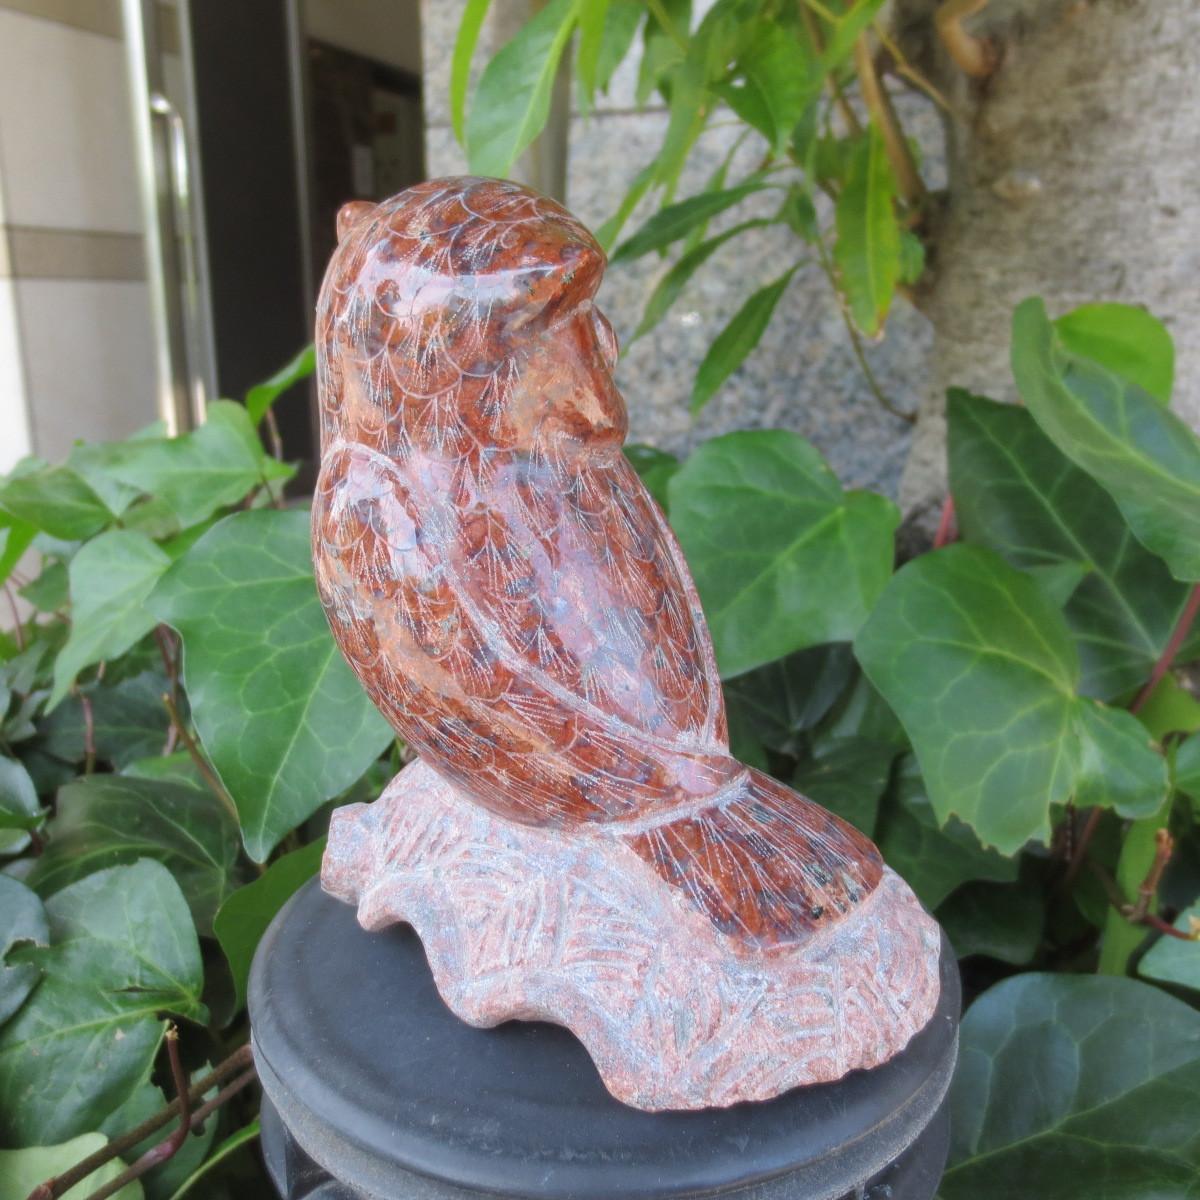 フクロウ ふくろう 置物 梟 オブジェ 福郎 赤御影石 玄関 看板 商売繁盛 縁起物 手作り fks030 ハンドメイド_画像8